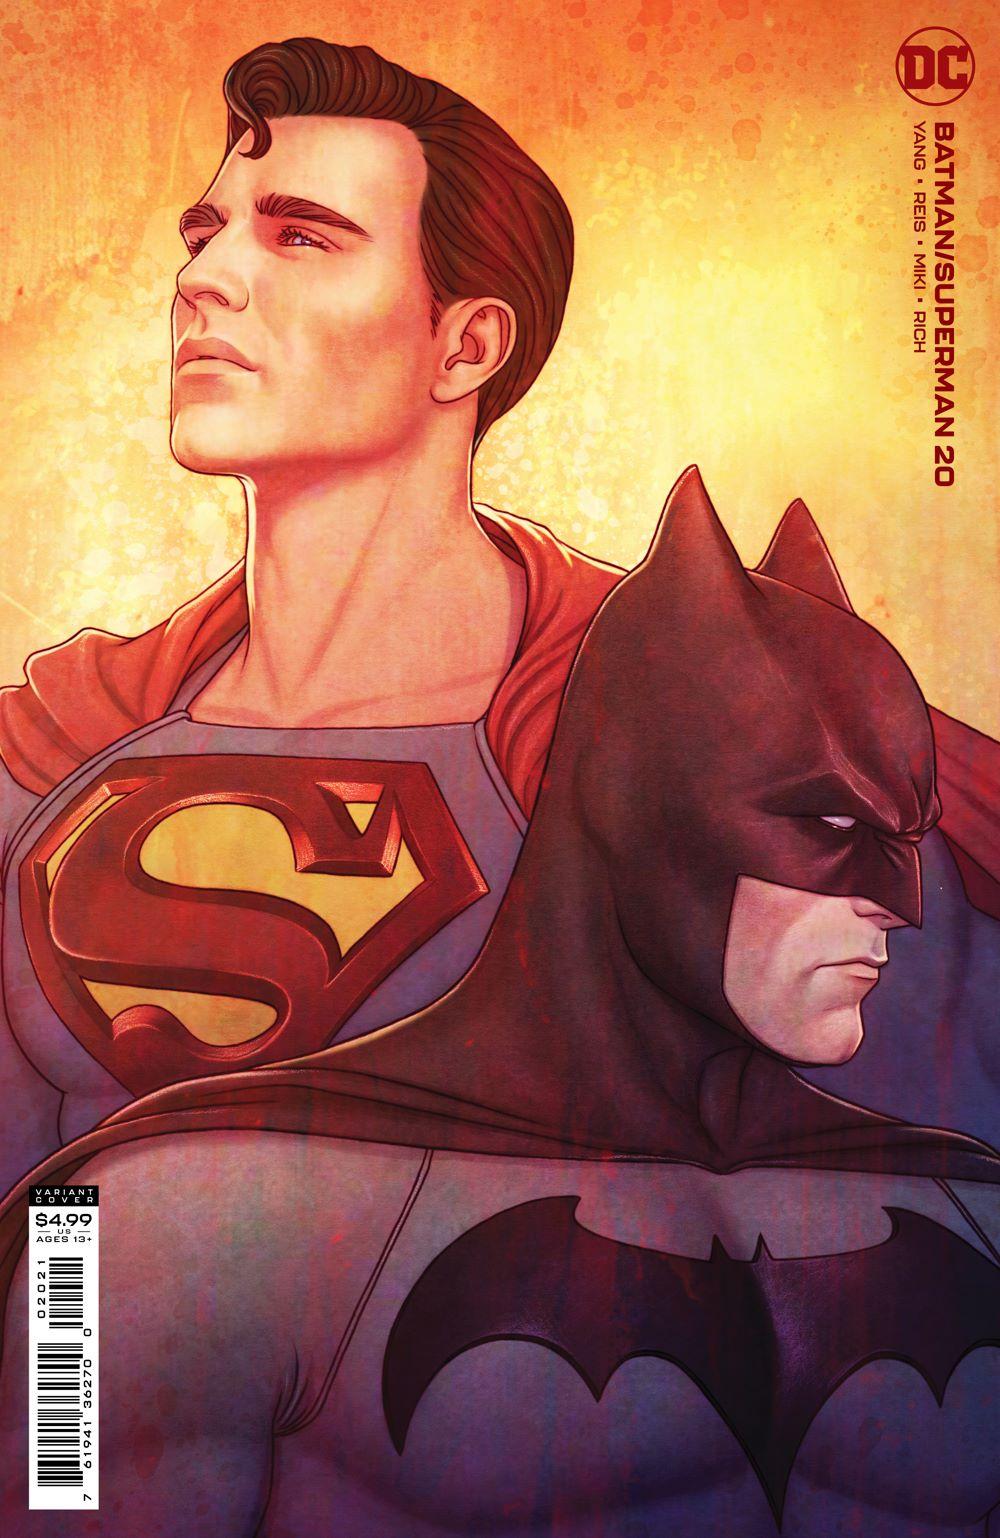 BMSM_Cv20_var DC Comics July 2021 Solicitations